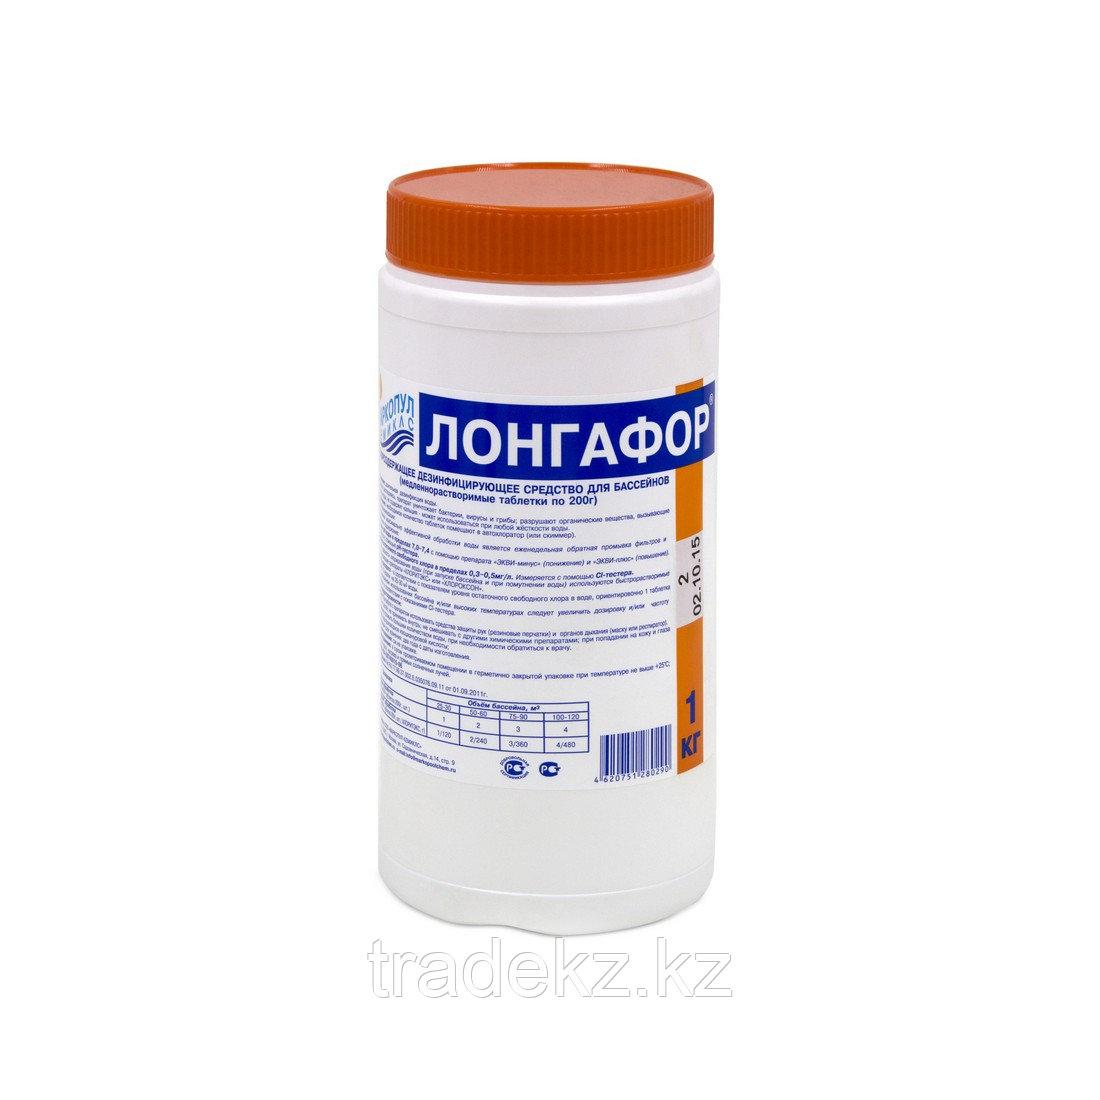 Химия для обработки воды в бассейне ЛОНГАФОР 20 гр.